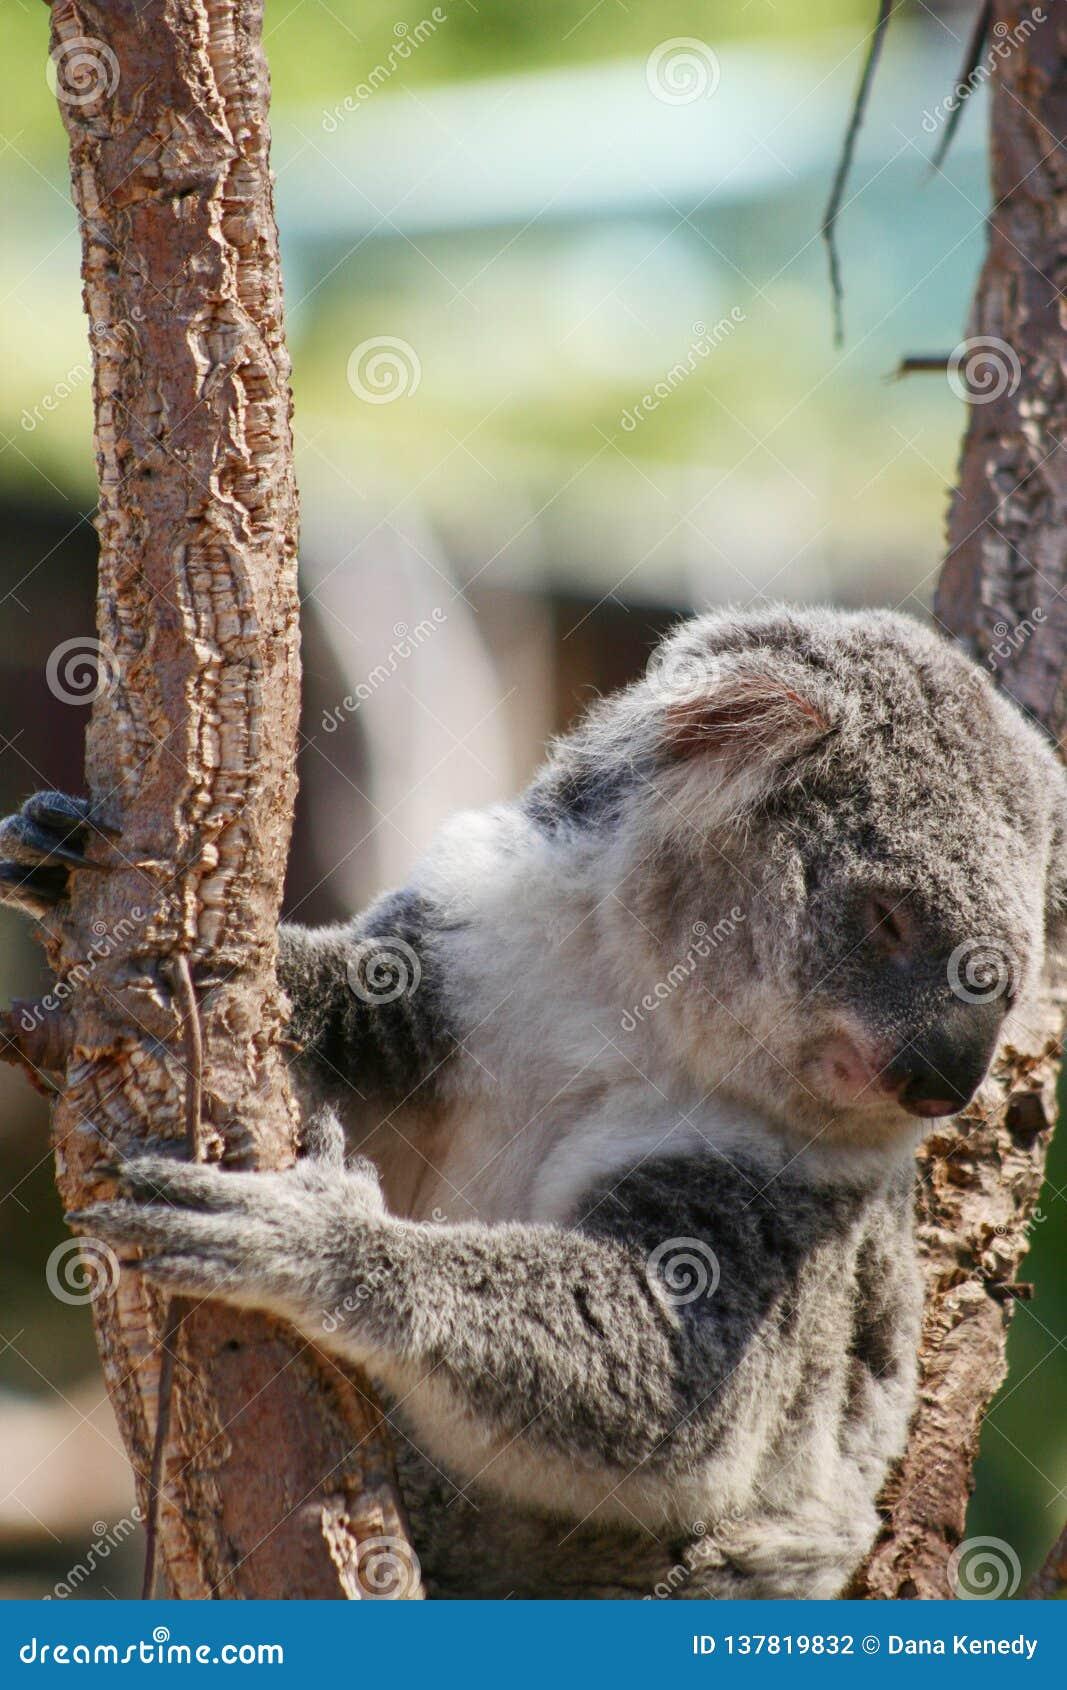 Cute Koala bear sitting on tree branch